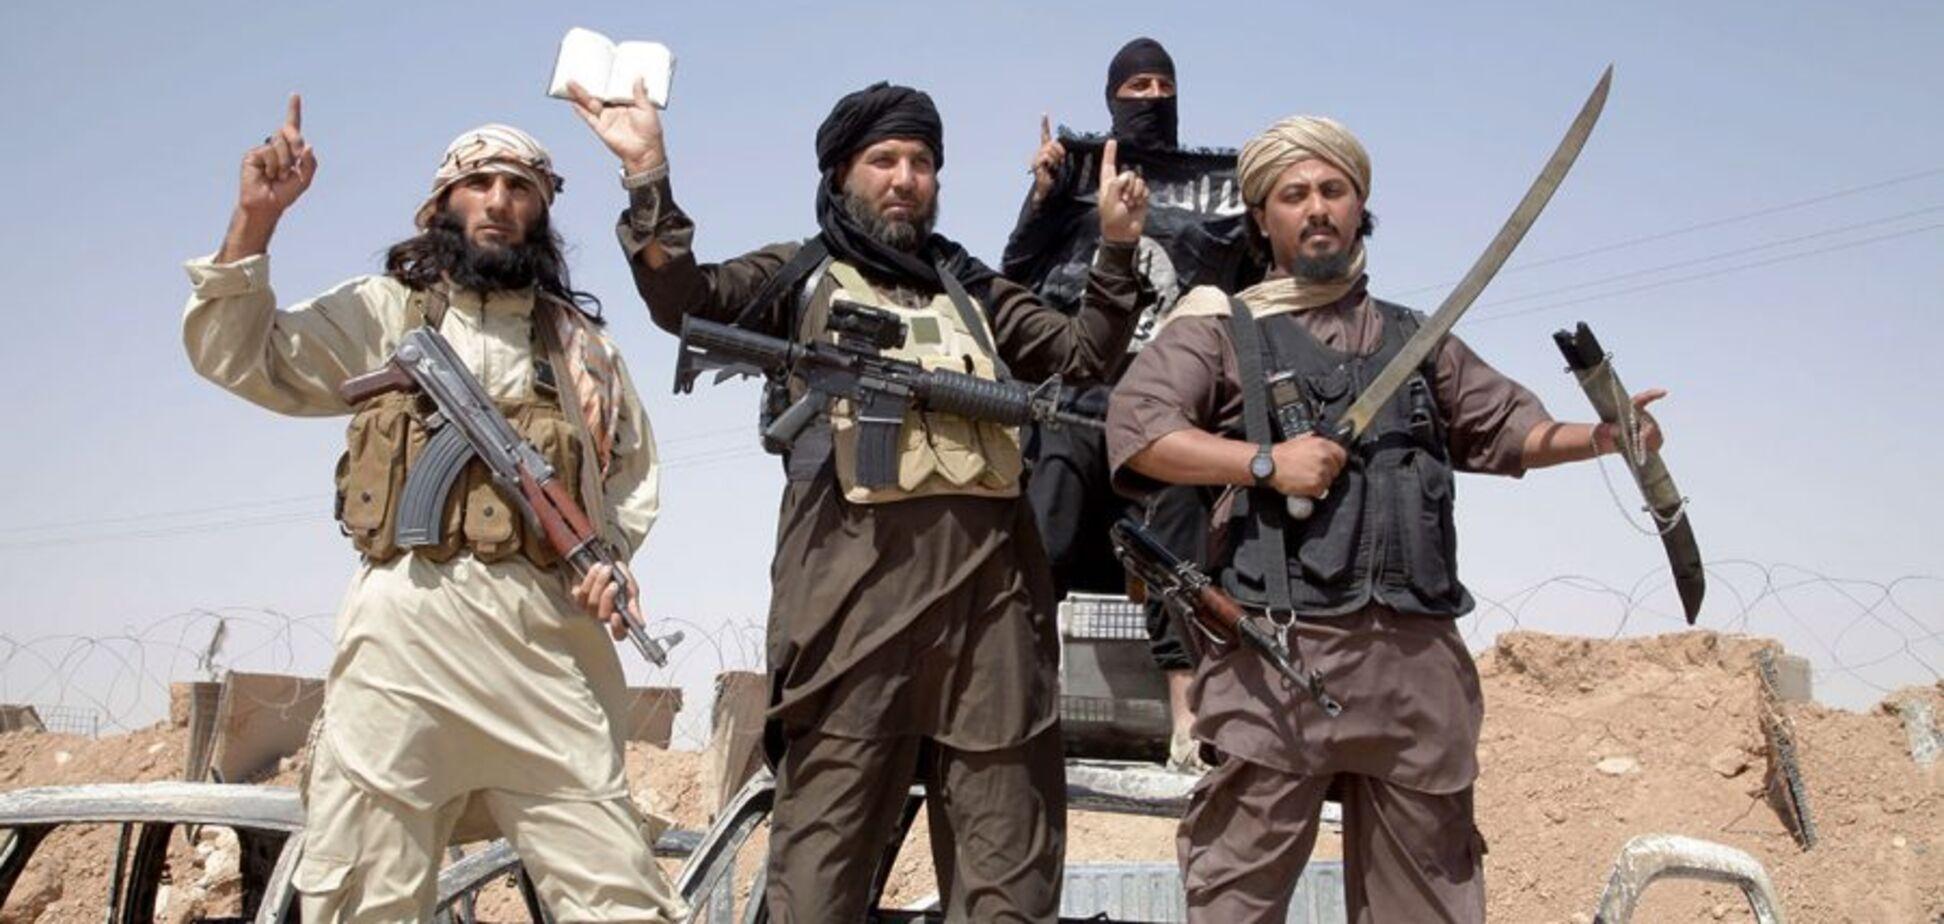 ИГИЛ угрожает Киеву: Тетерук назвал спонсора 'резни'